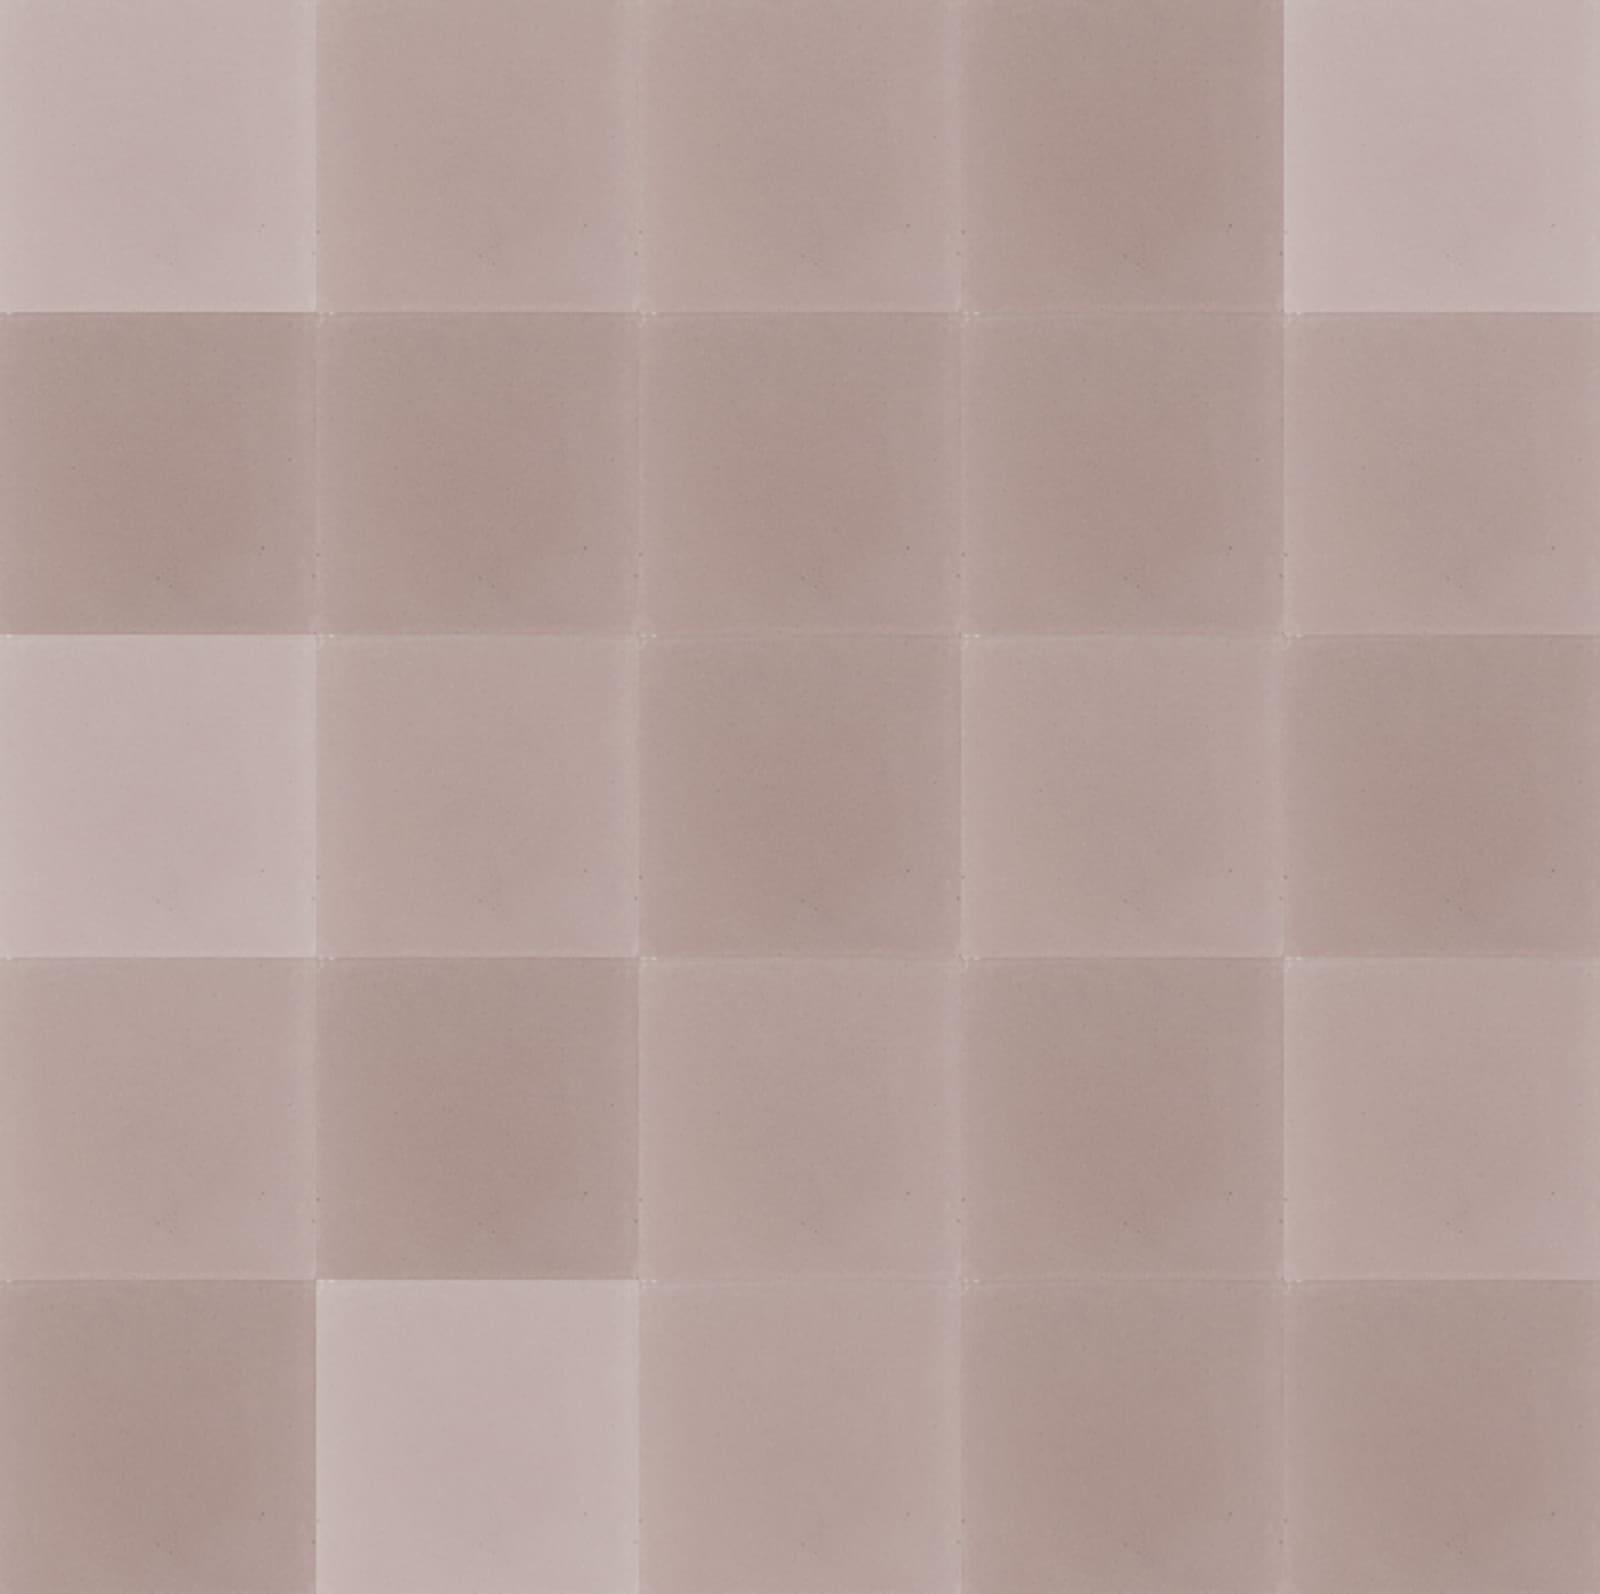 zementfliesen-terrazzofliesen-kreidefarbe-terrazzo-fugenlos-viaplatten-80-verlegemuster   80